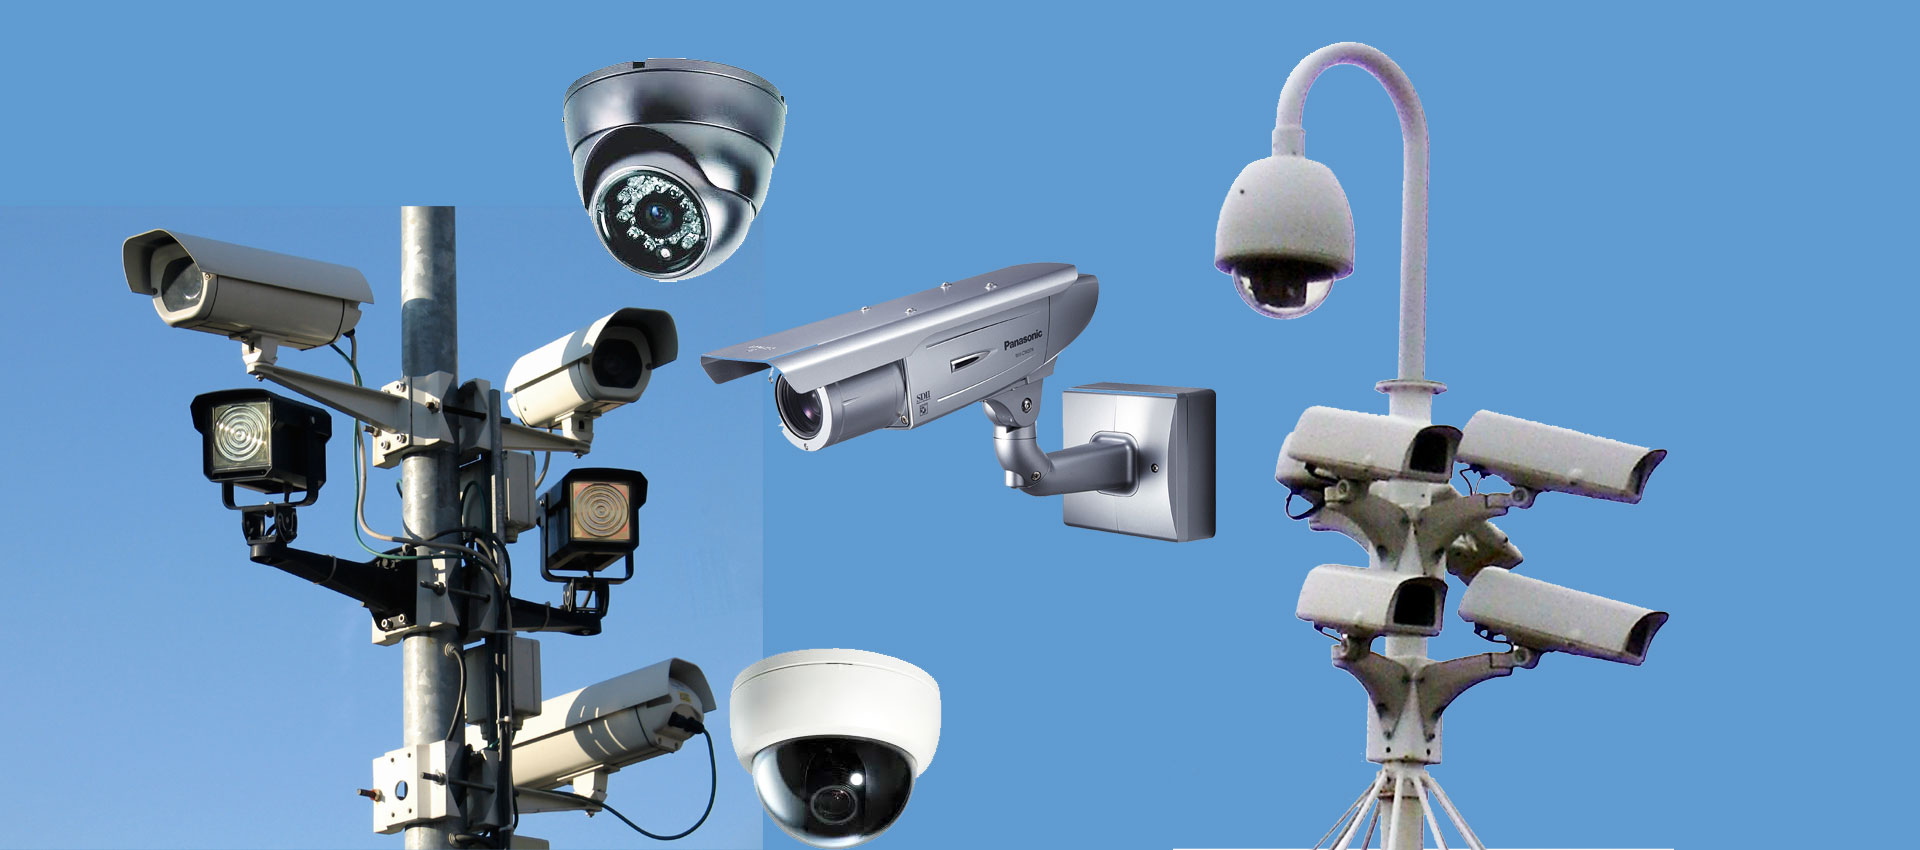 لیست دوربین مداربسته دیجیتال ارزان